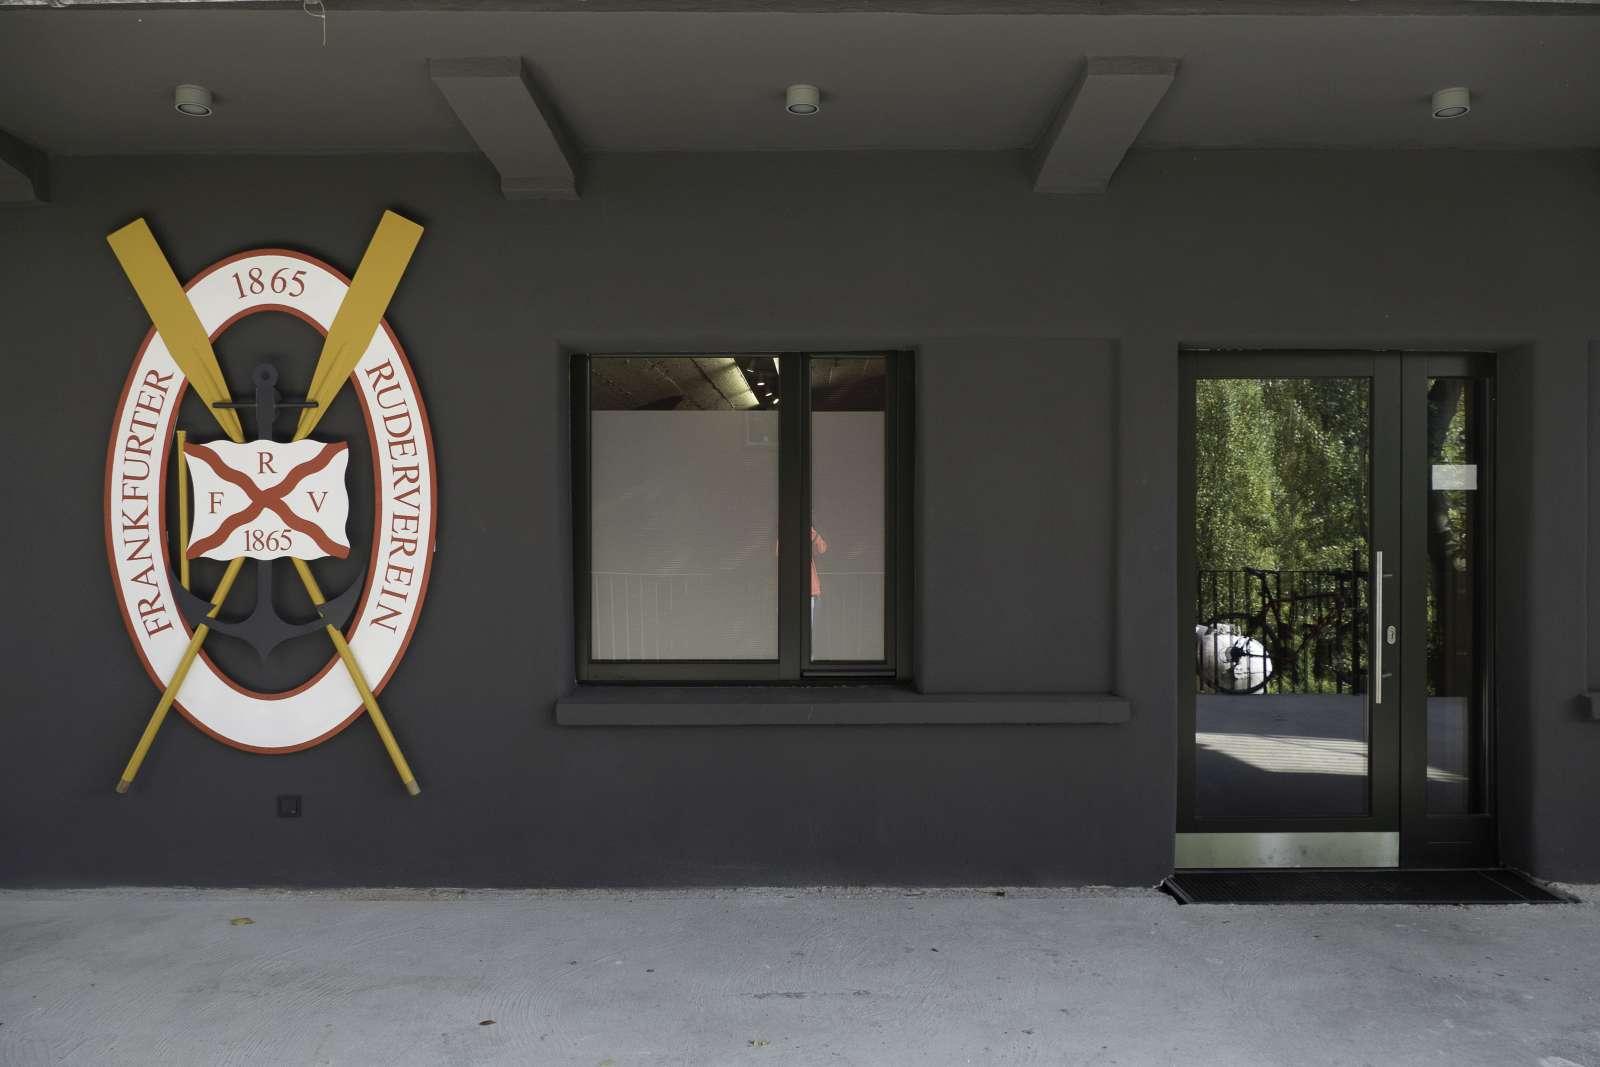 Eingangsbereich mit dem vom alten Treppenturm geretteten FRV-Wappen.